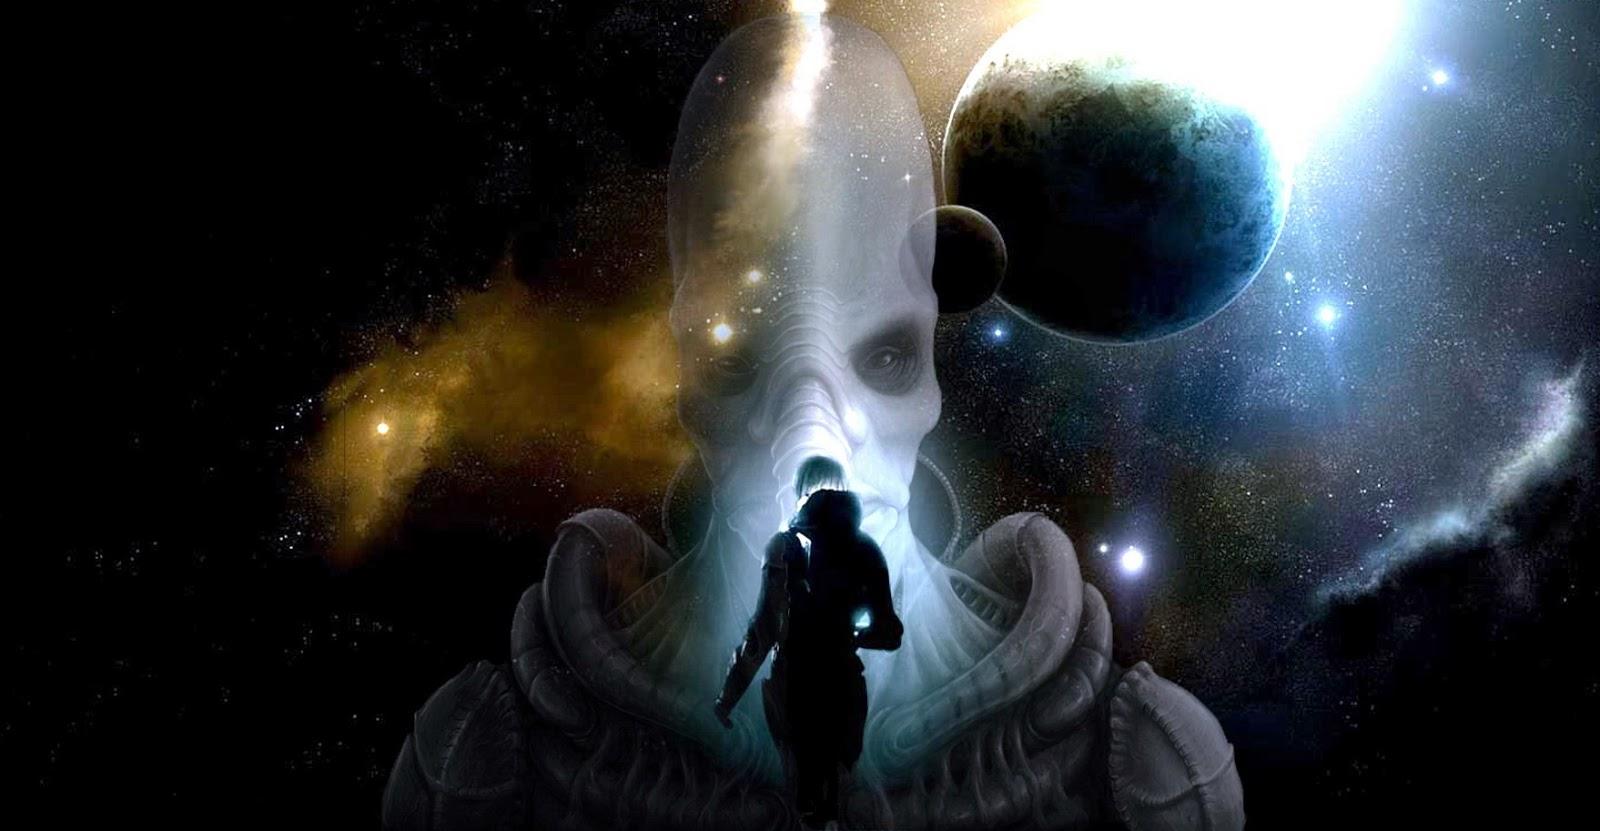 Arcontes: Según textos antiguos es la raza extraterrestre que dominó al mundo